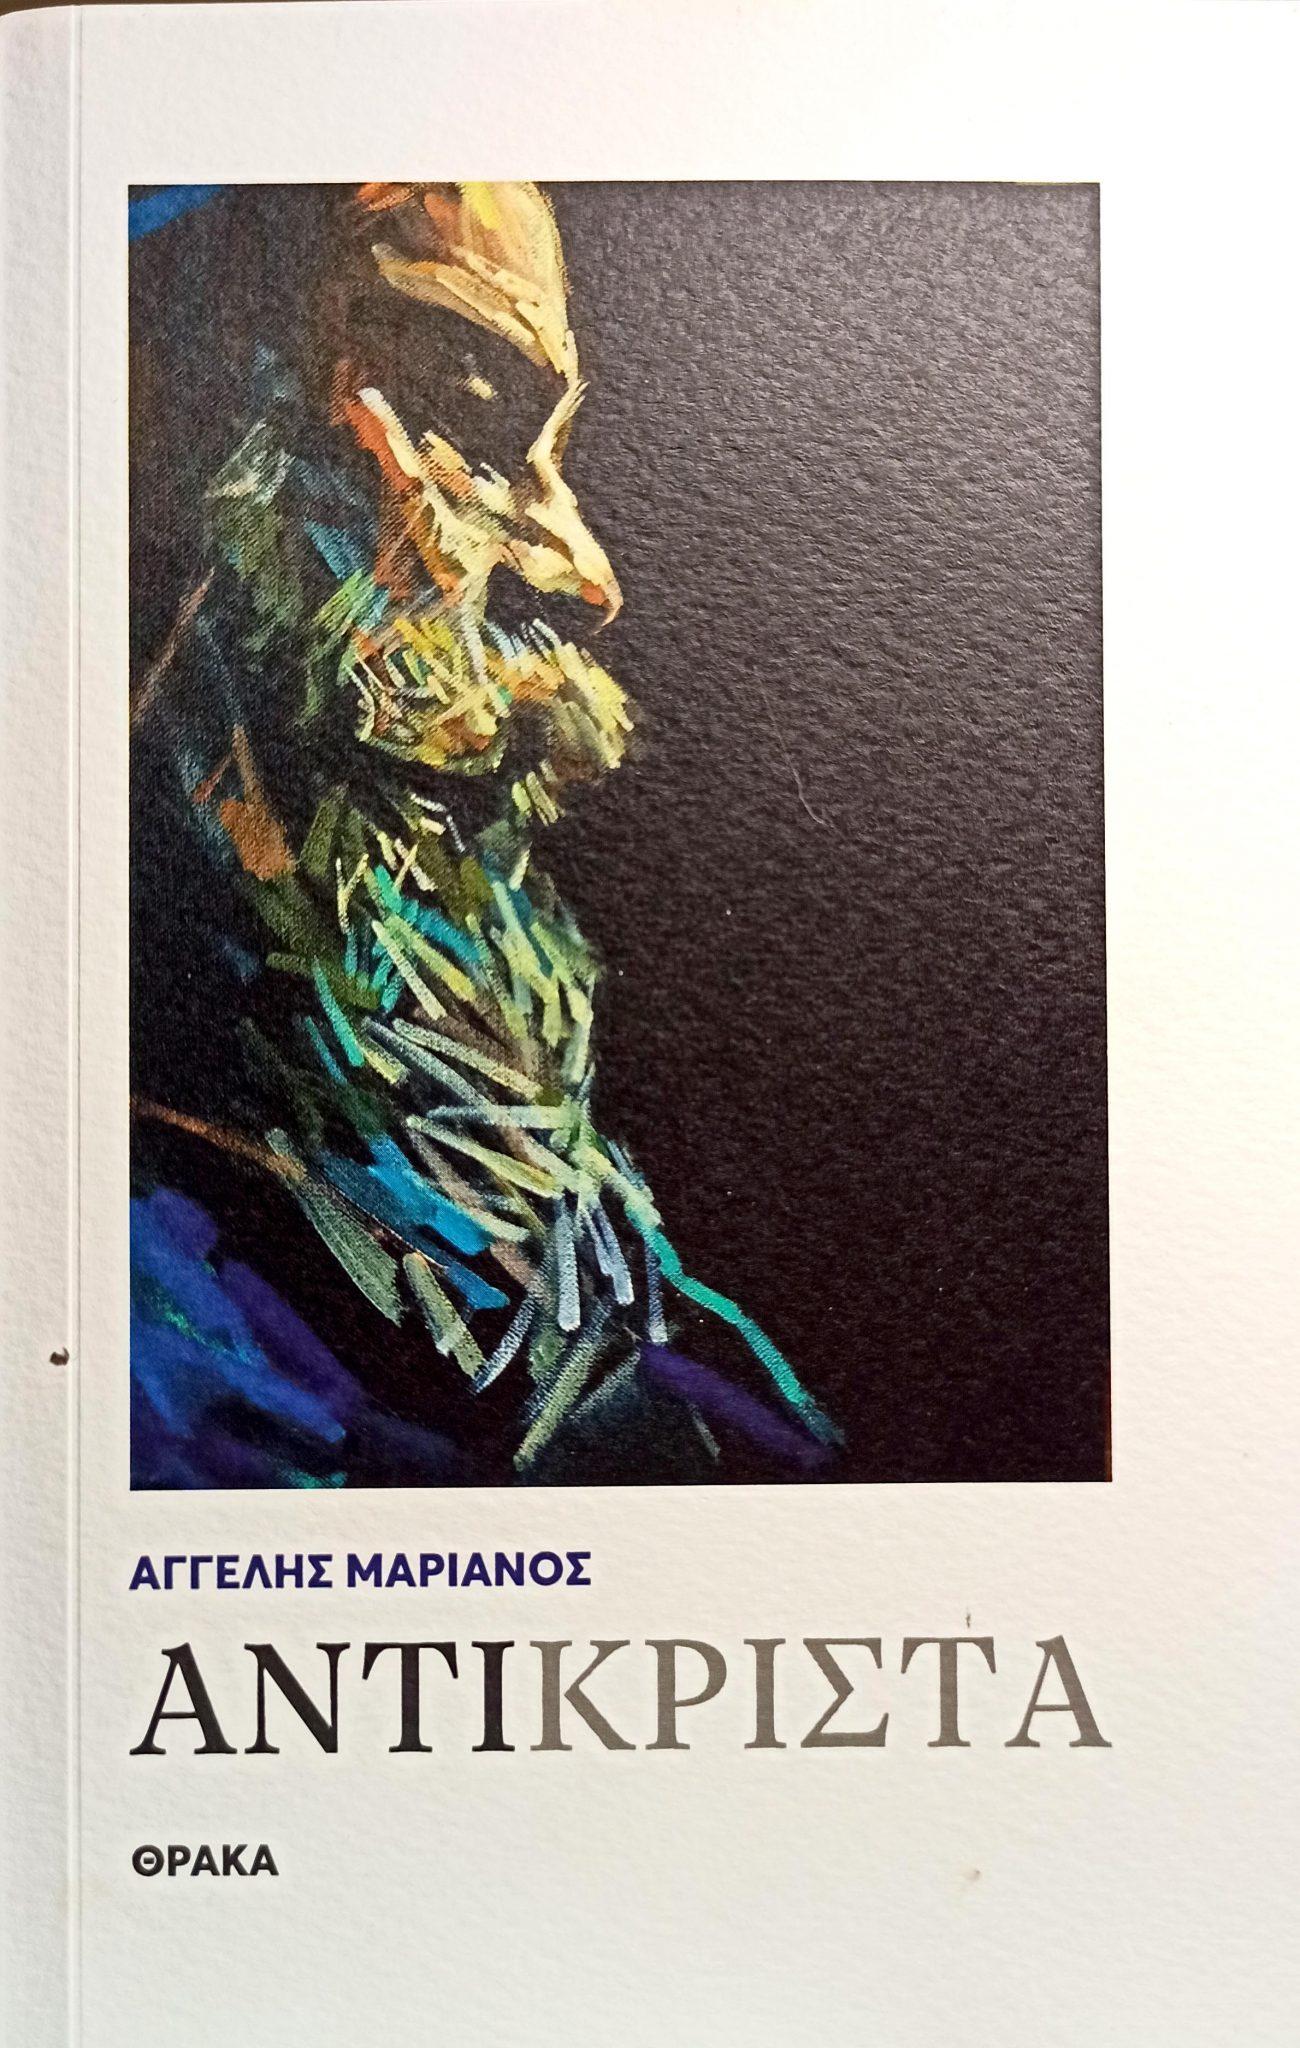 """Σχεδιασμός για το εξώφυλλο της ποιητικής συλλογής """"Αντικρυστά """" του Αγγελή Μαριανού"""